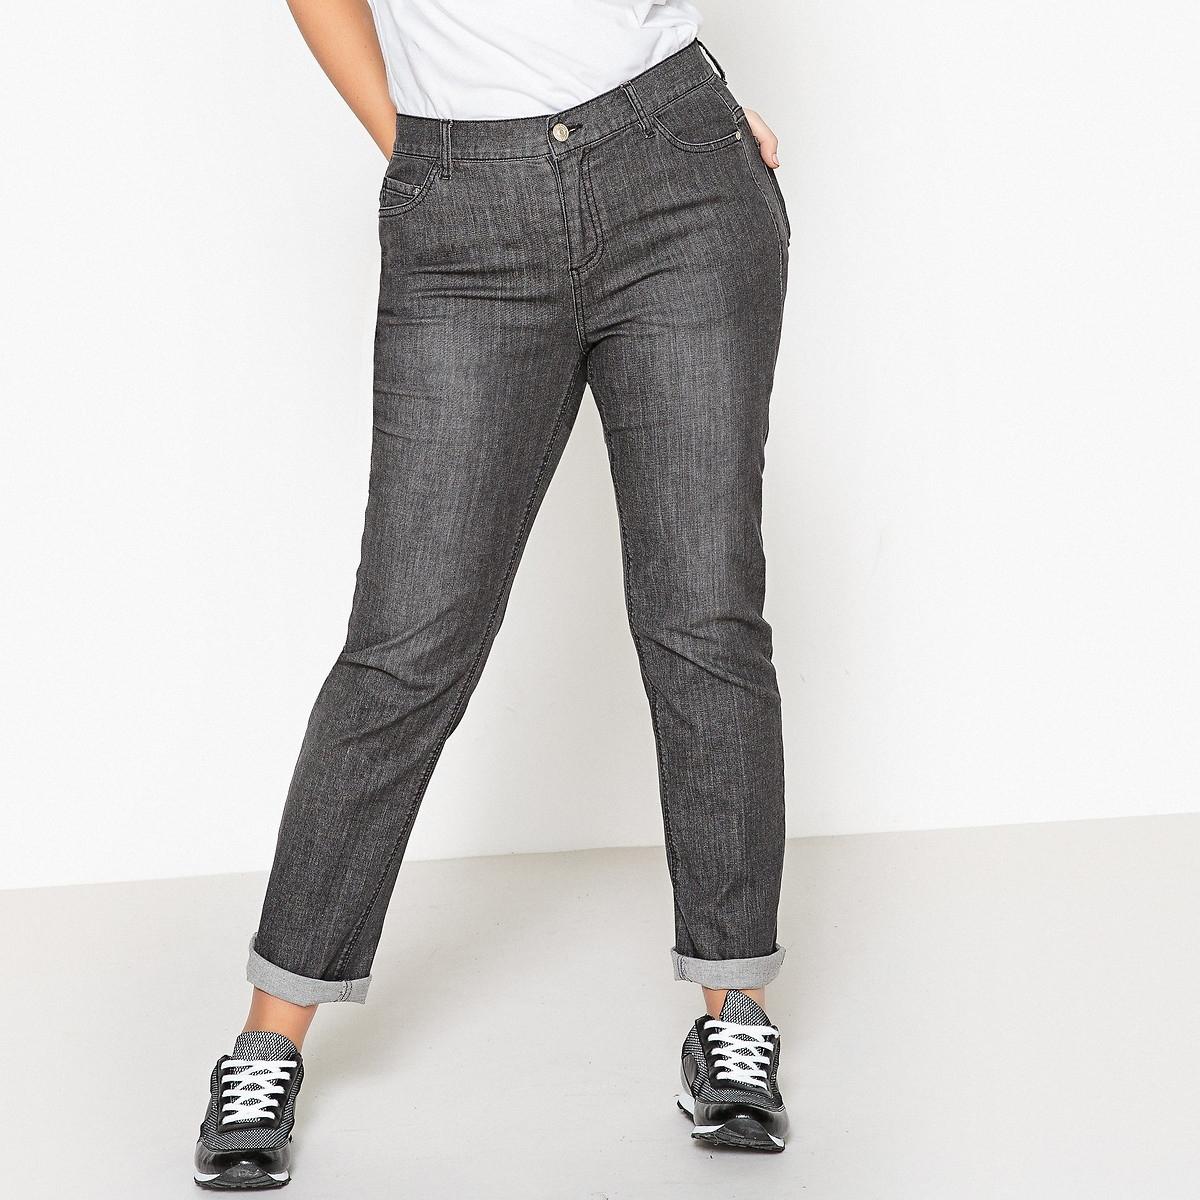 Фото - Джинсы LaRedoute Прямые стандартного покроя 44 (FR) - 50 (RUS) черный джинсы laredoute прямые 40 fr 46 rus синий